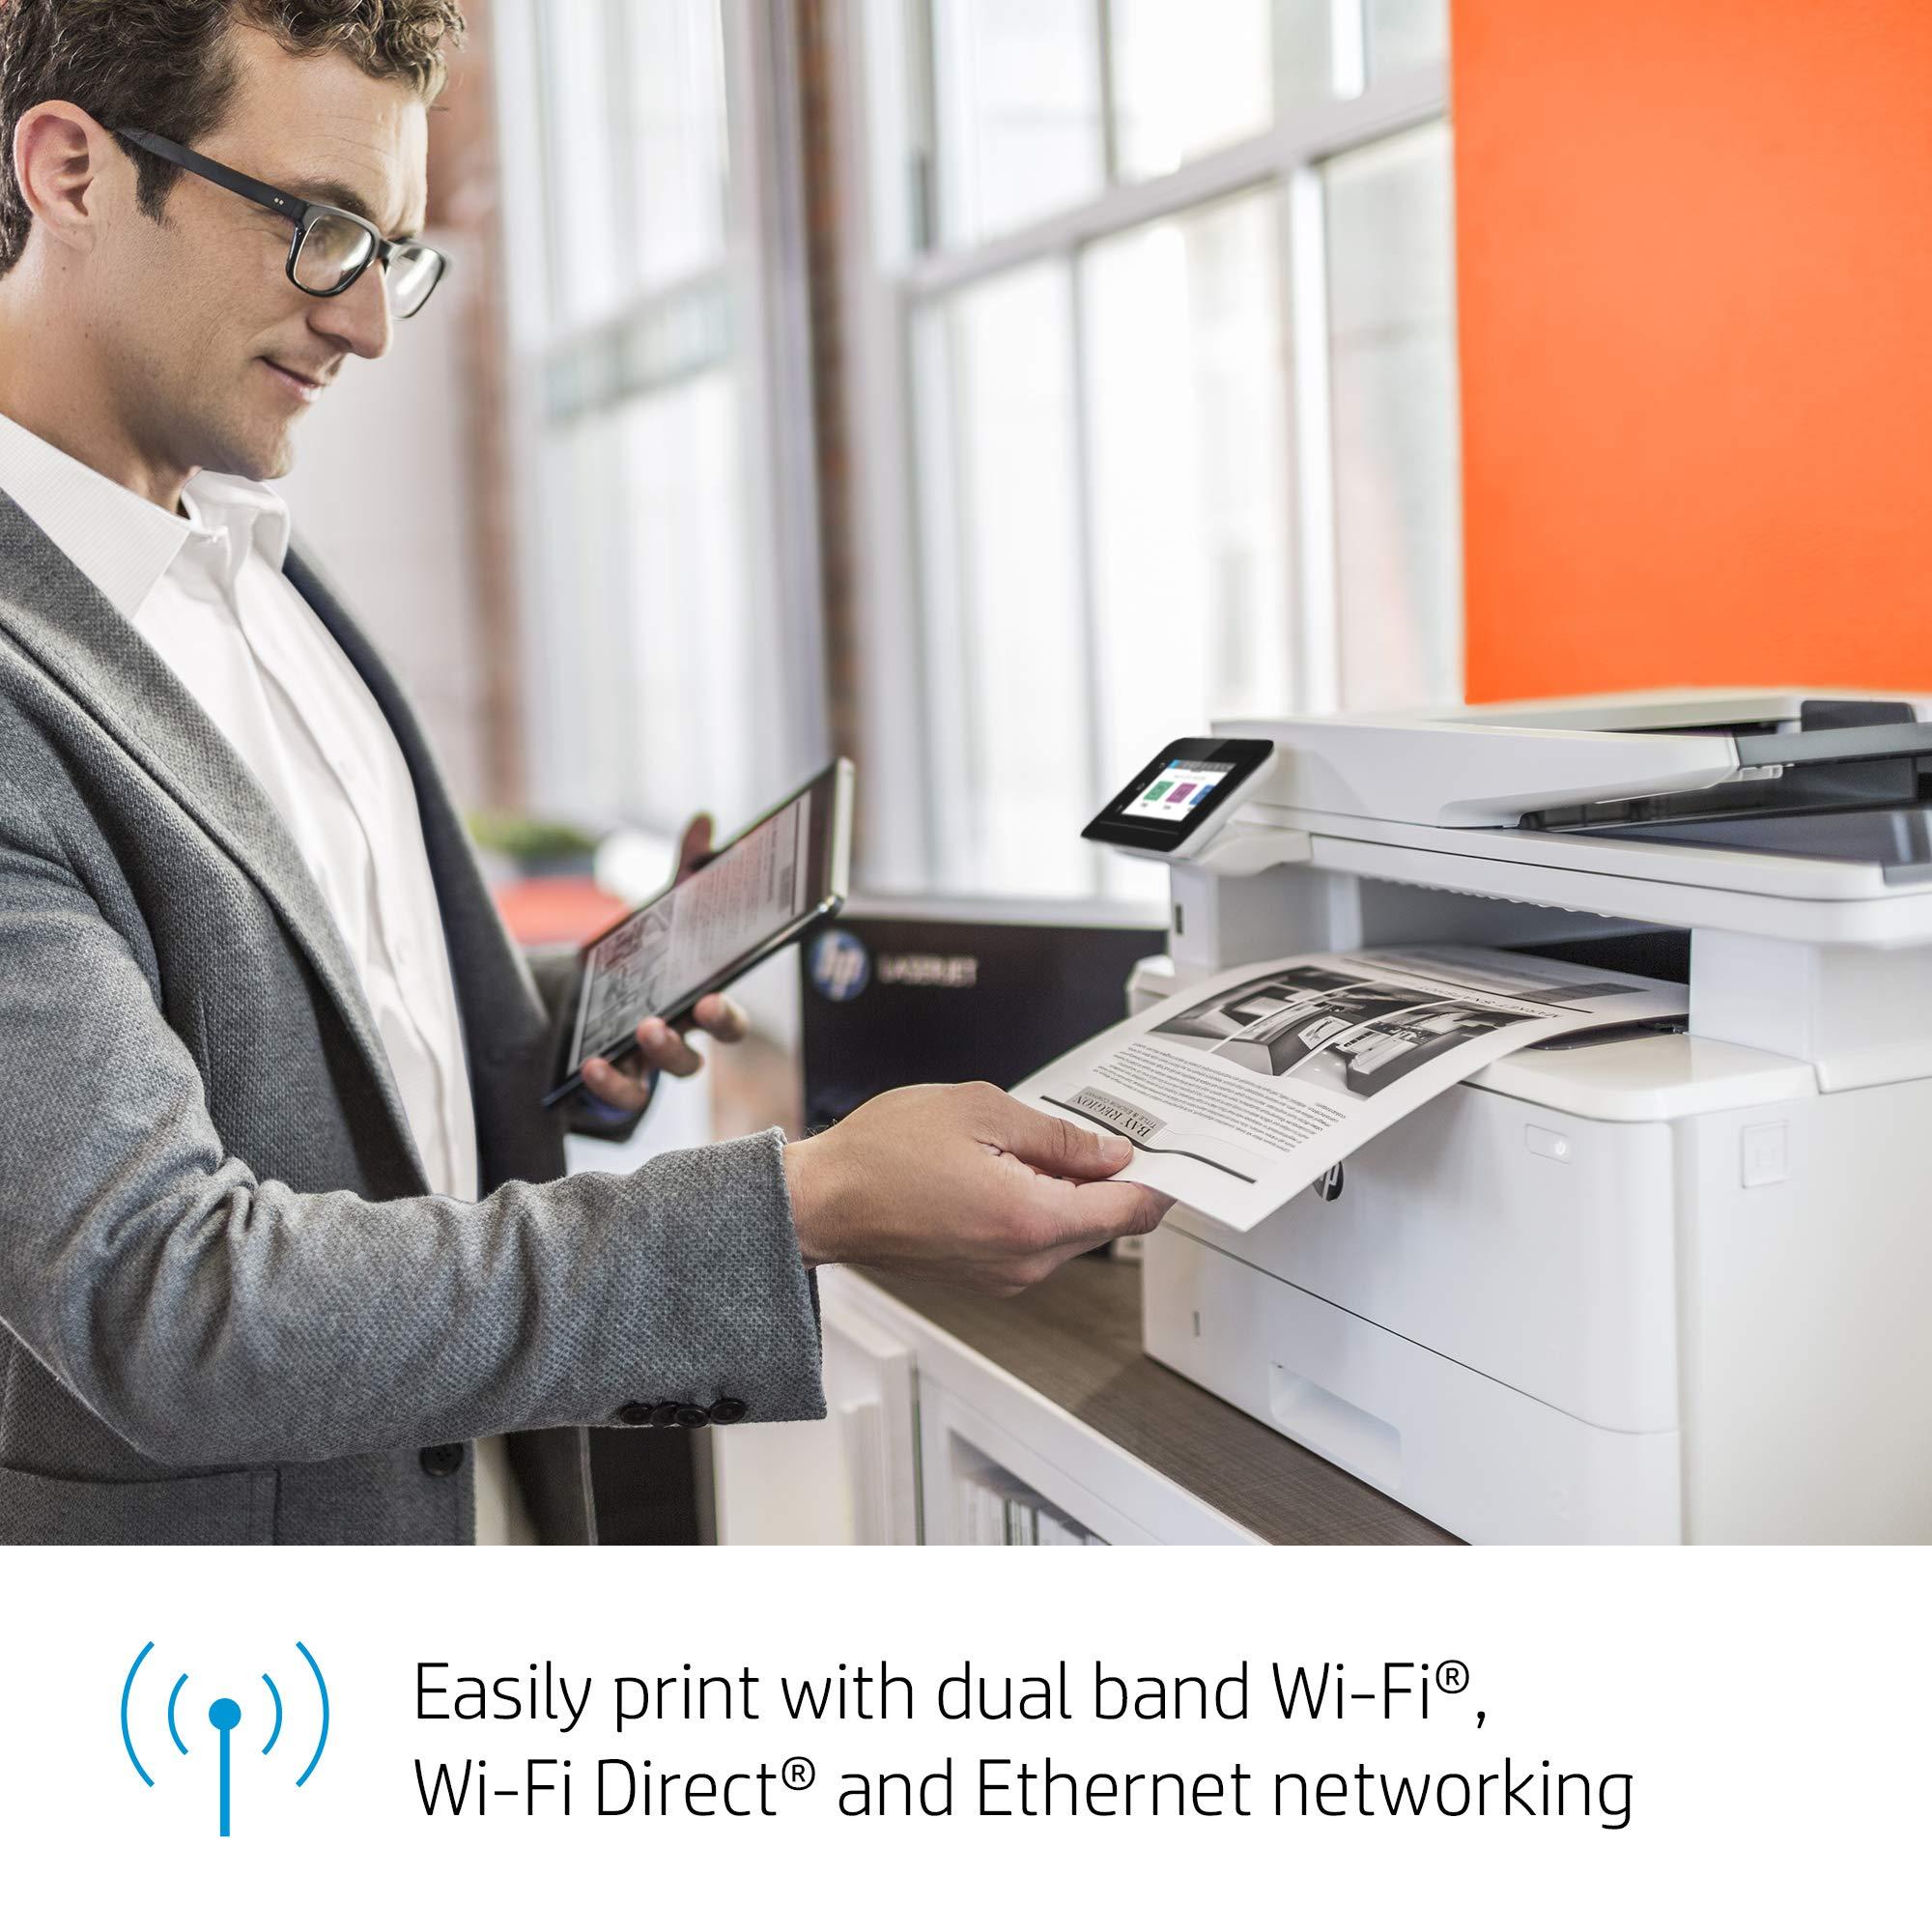 HP LaserJet Pro Multifunction M428fdw Wireless Laser Printer (W1A30A) by HP (Image #7)